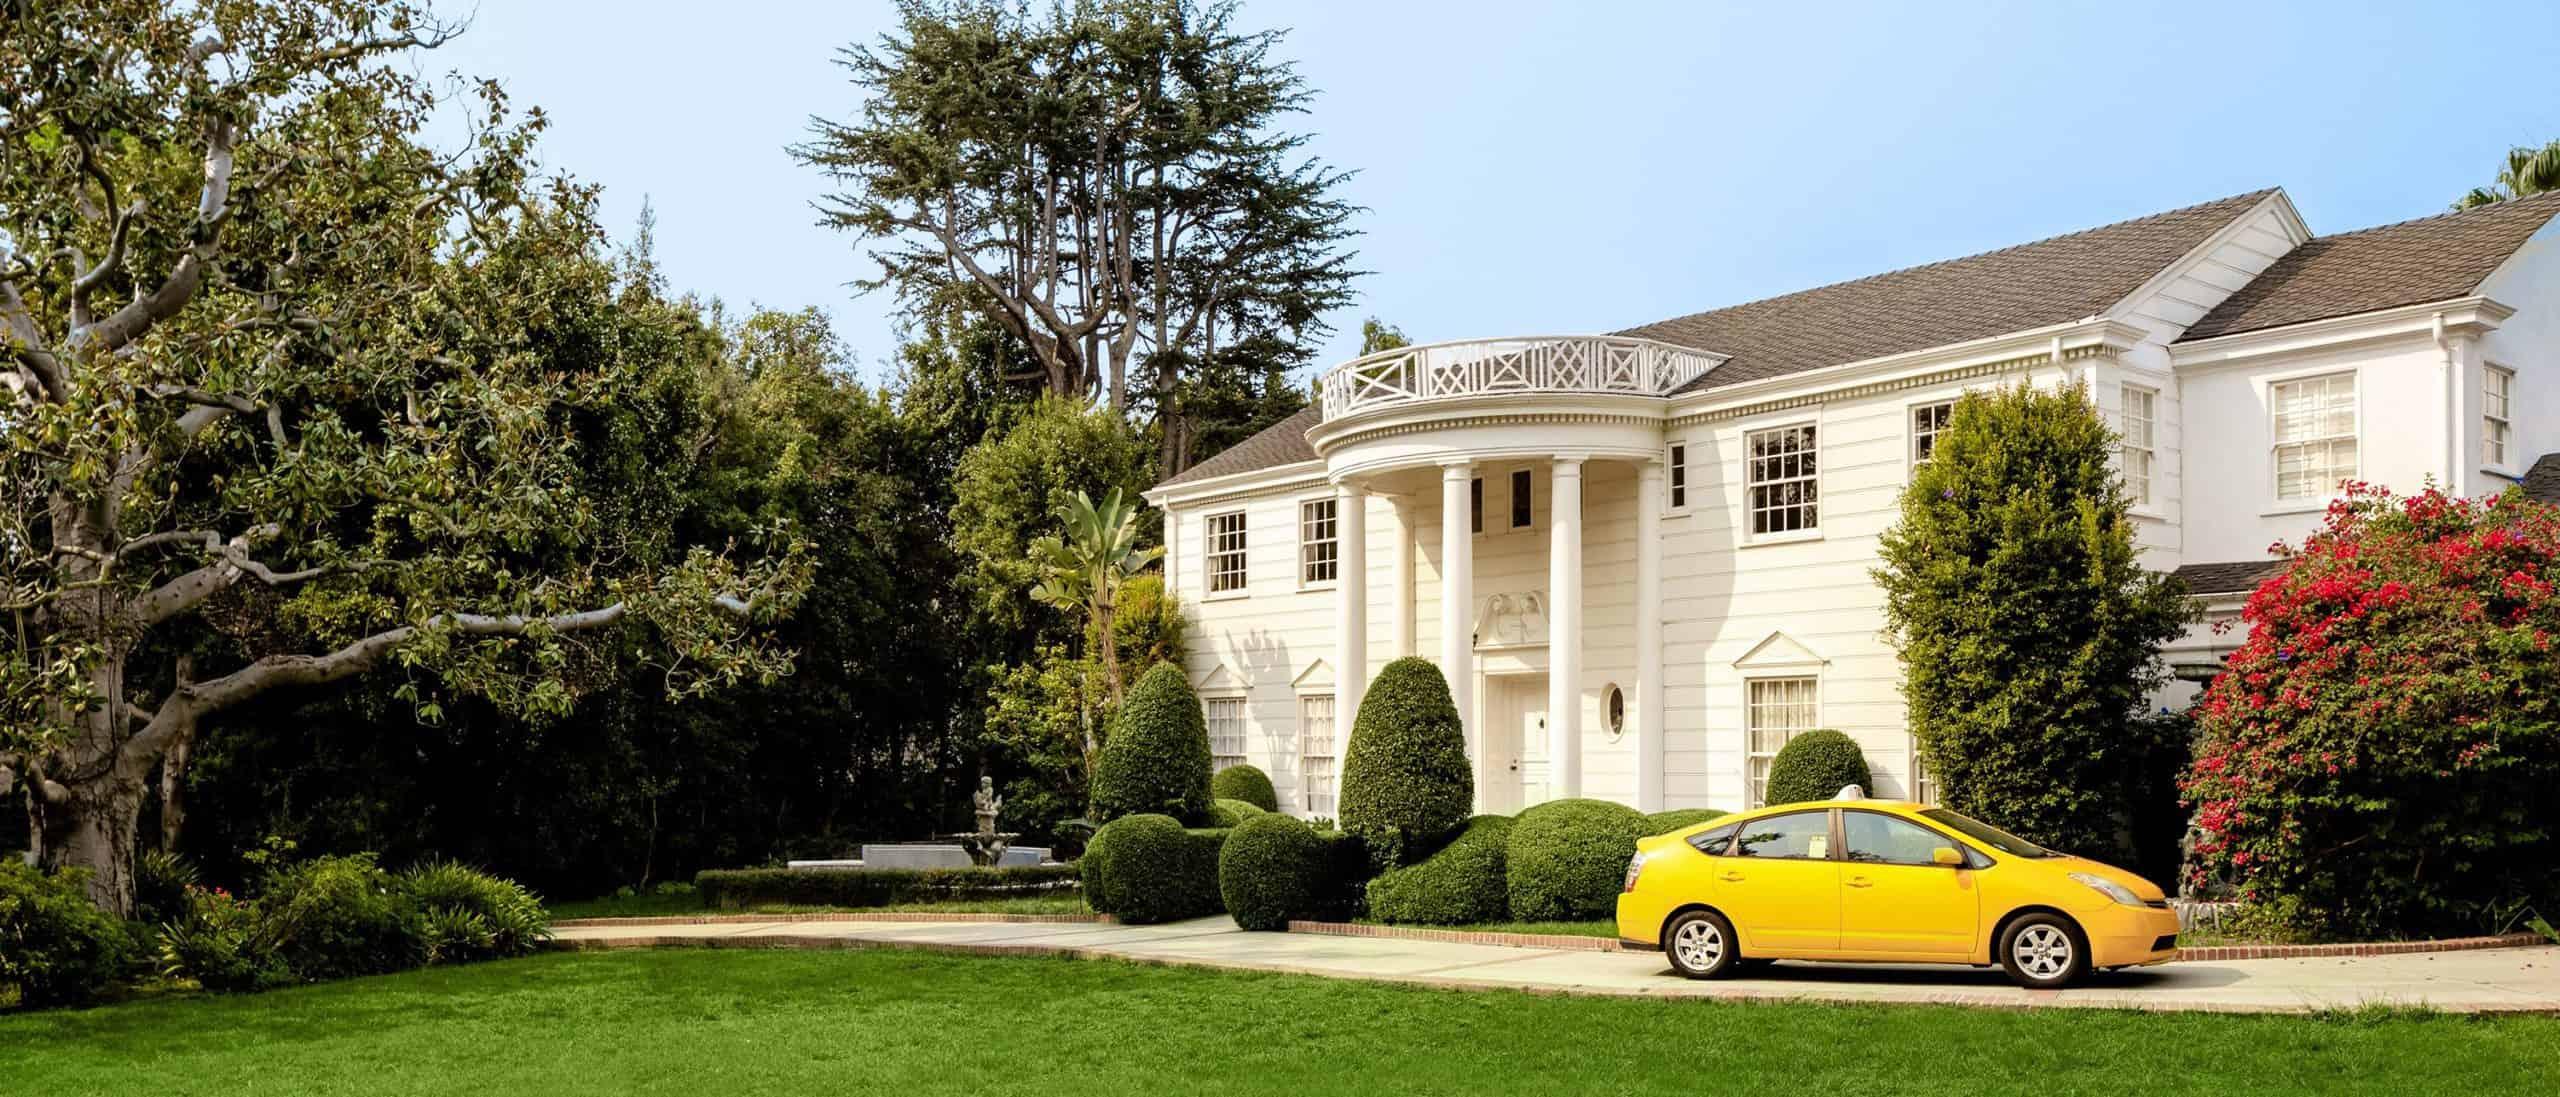 Es posible alquilar la mansión de El príncipe de Bel-Air en Airbnb, aunque solo por tiempo limitado